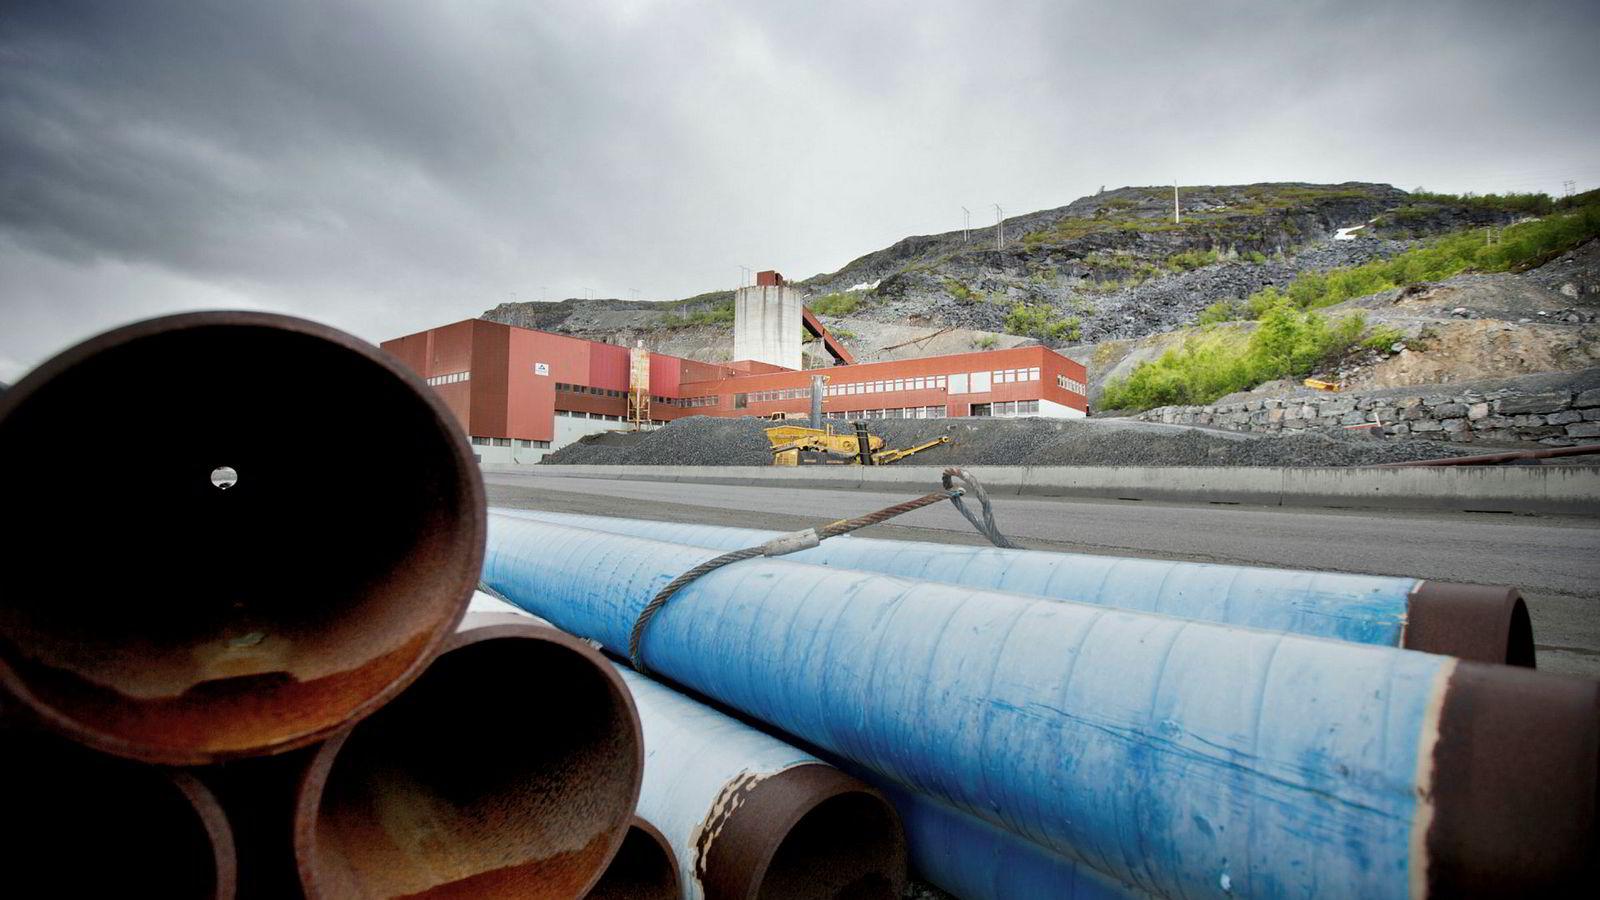 Nussir har fått klarsignal til å åpne kobbergruve i Kvalsund. Reaksjonene fra naturvernere er sterke.